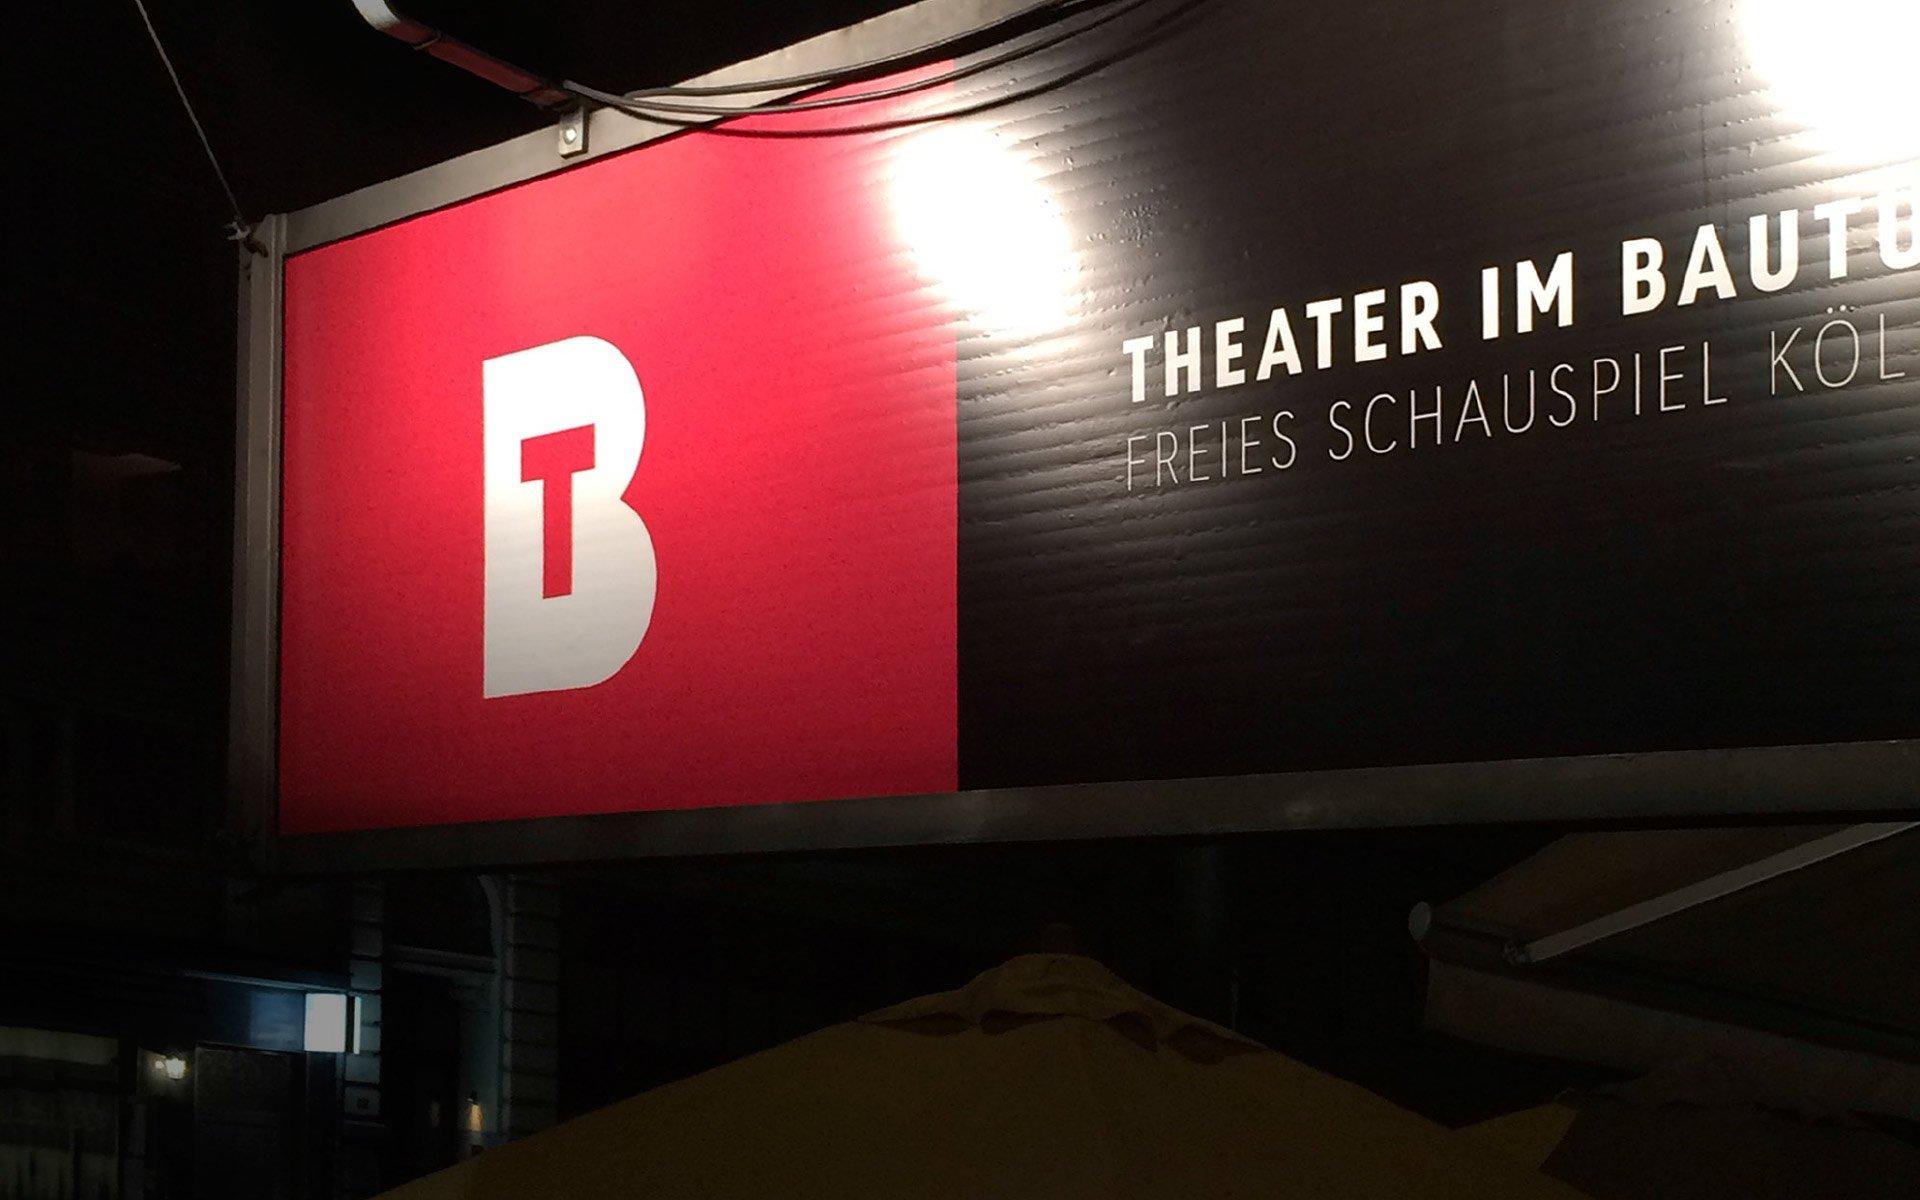 Theater im Bauturm - Beispiele für gutes Branding